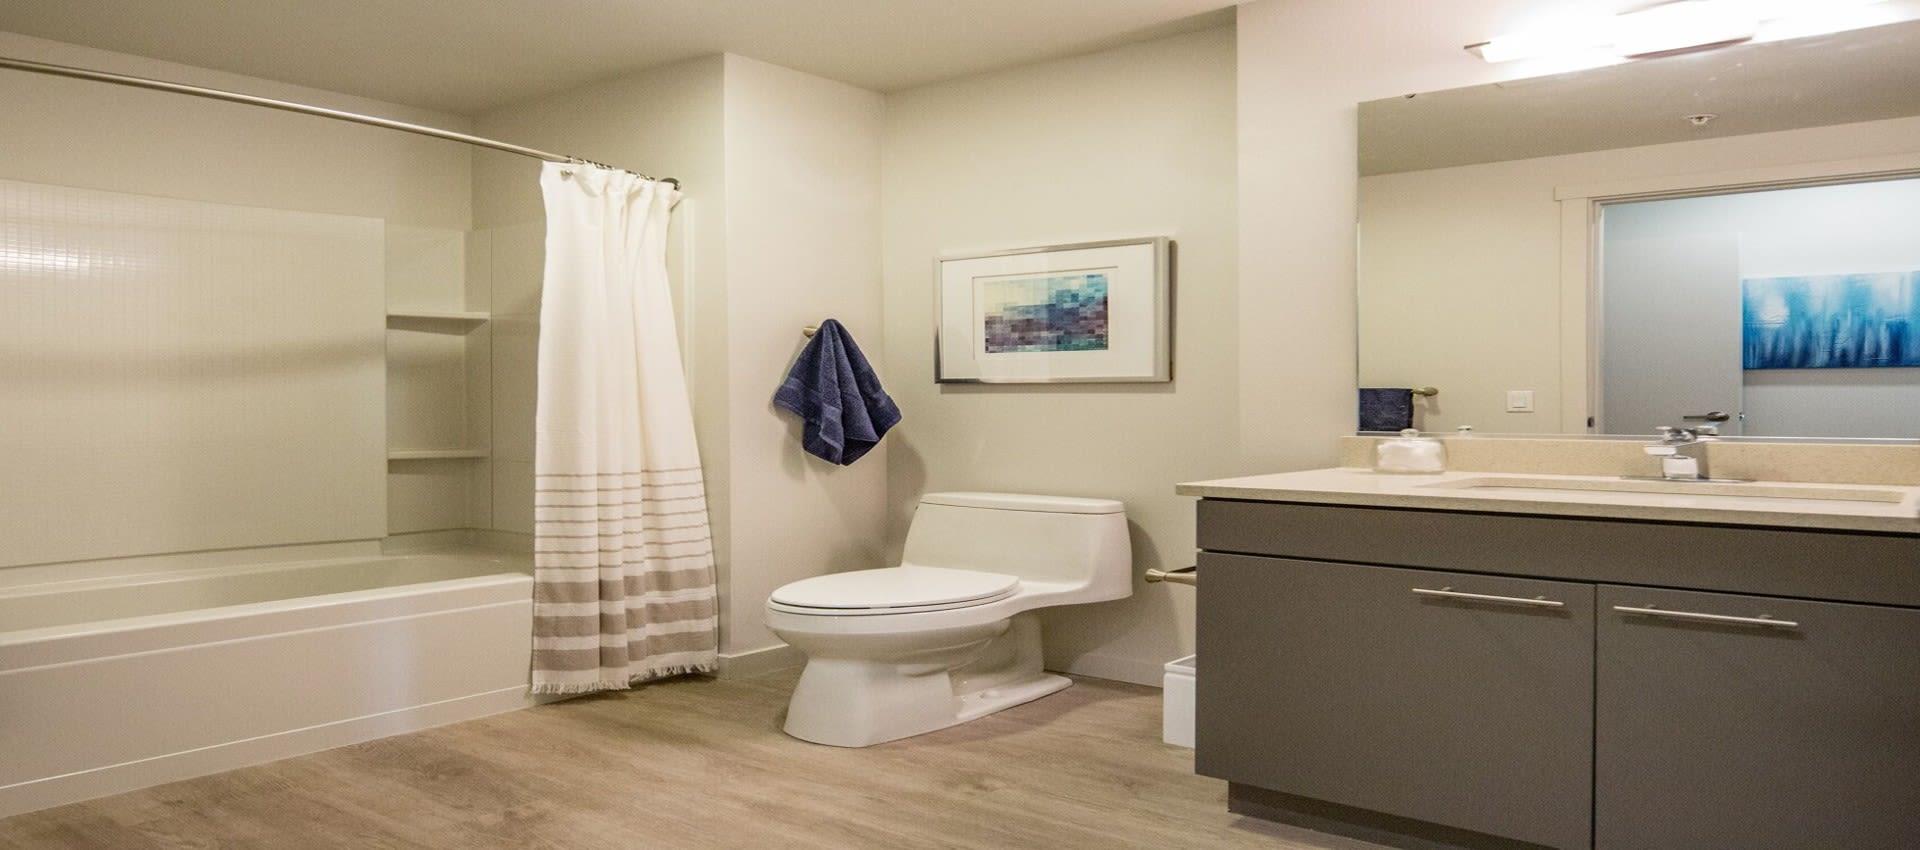 EVIVA Midtown bathroom